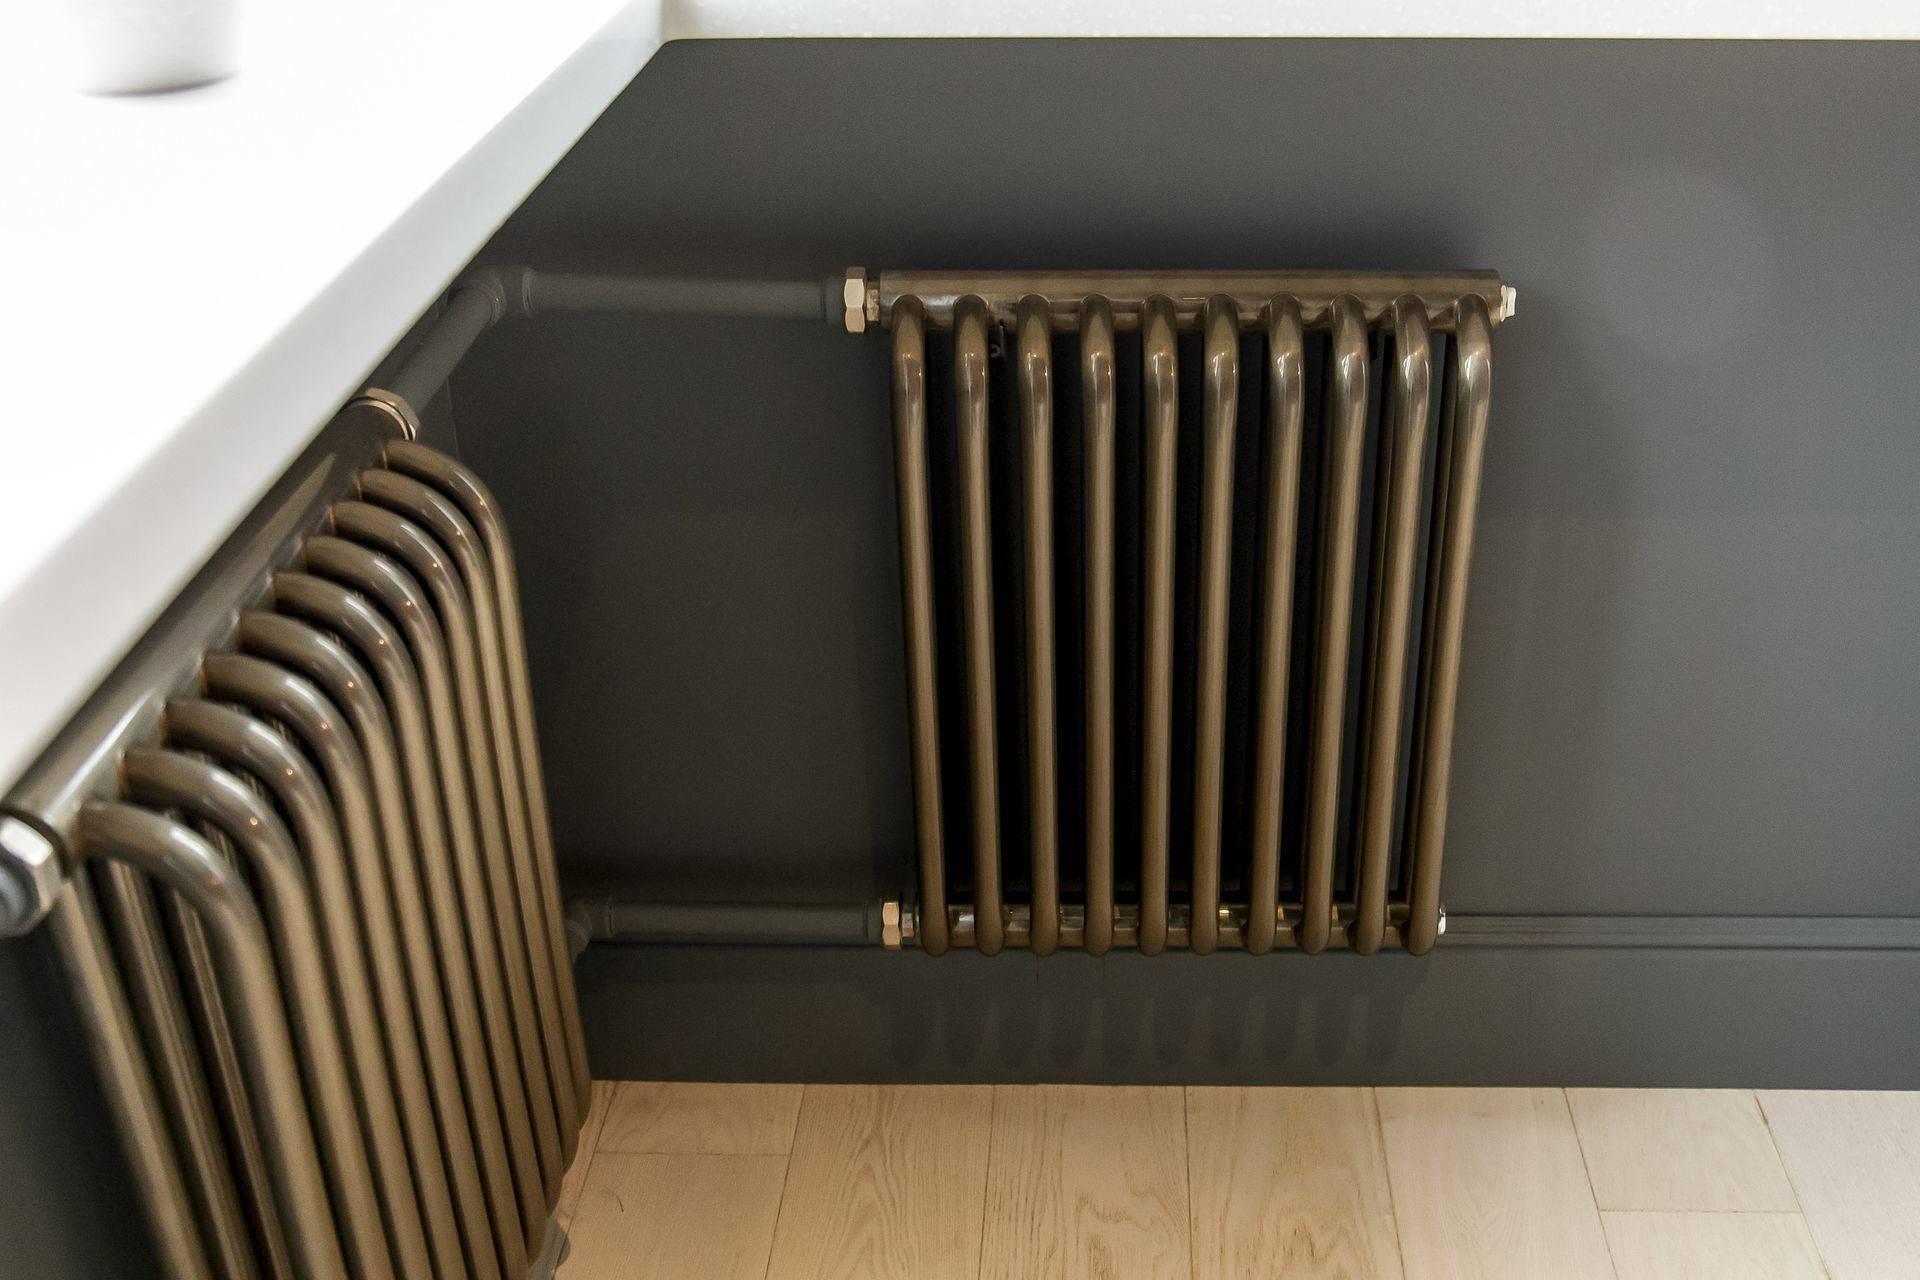 Какие батареи (радиаторы) отопления лучше для частного дома - алюминиевые или биметаллические